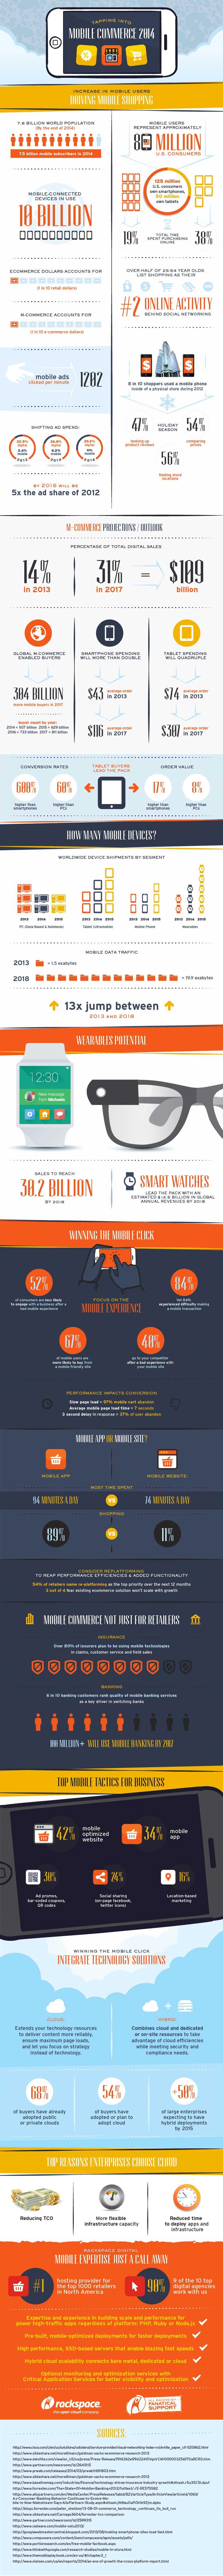 De evolutie van Mobile Commerce